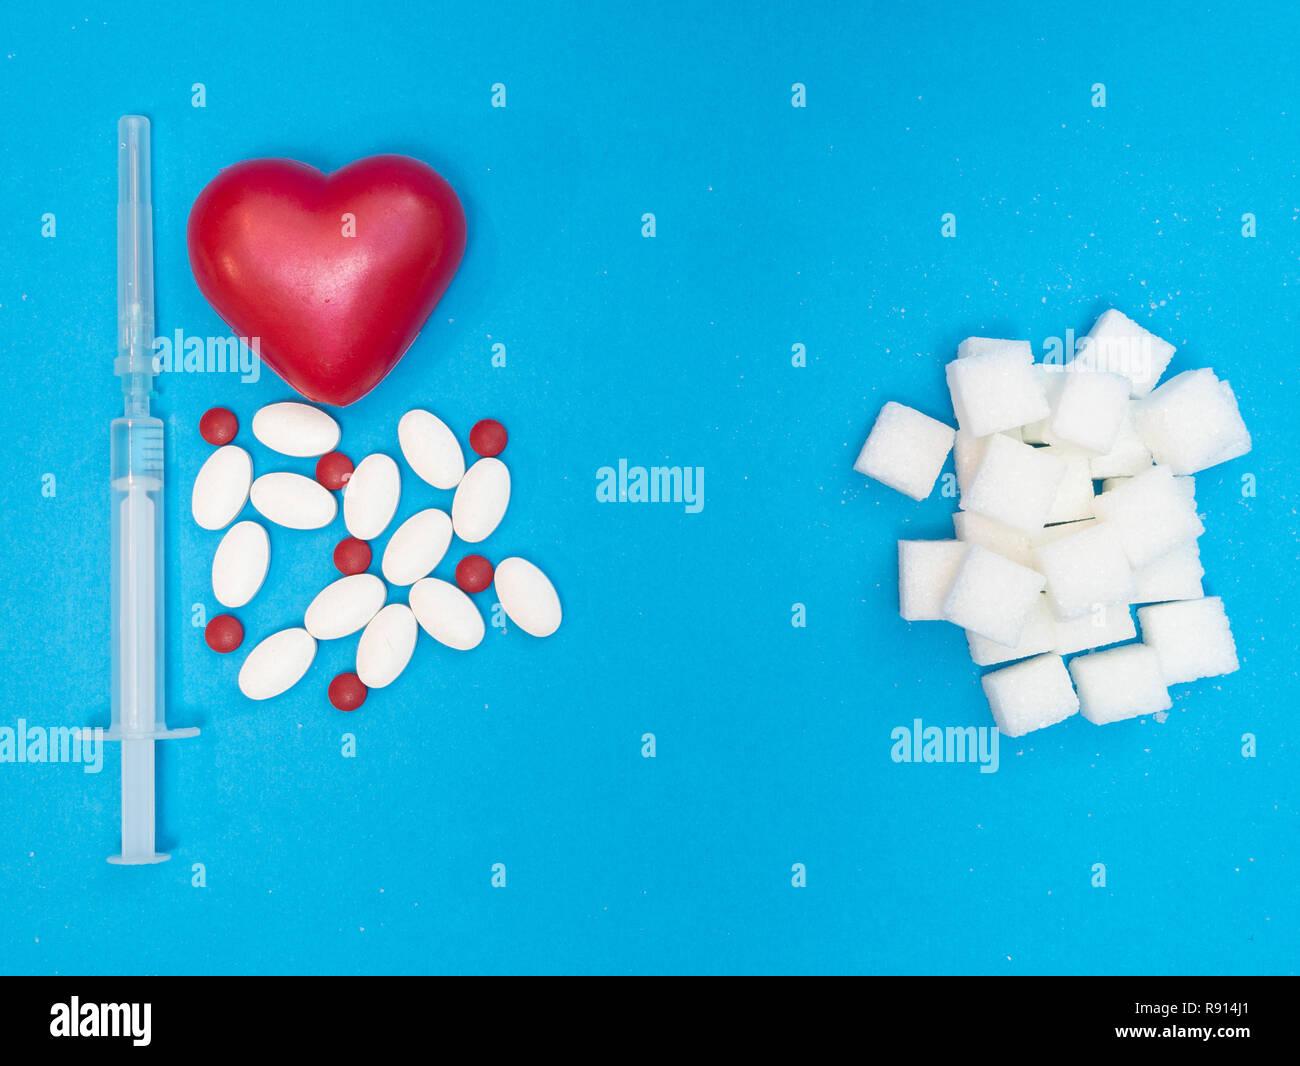 Haut niveau de sucre dans le sang cause une maladie cardiaque. pilules, médicaments, coeur rouge et d'une seringue d'injection, et les blocs de sucre raffiné blanc sur bleu backgroun Photo Stock